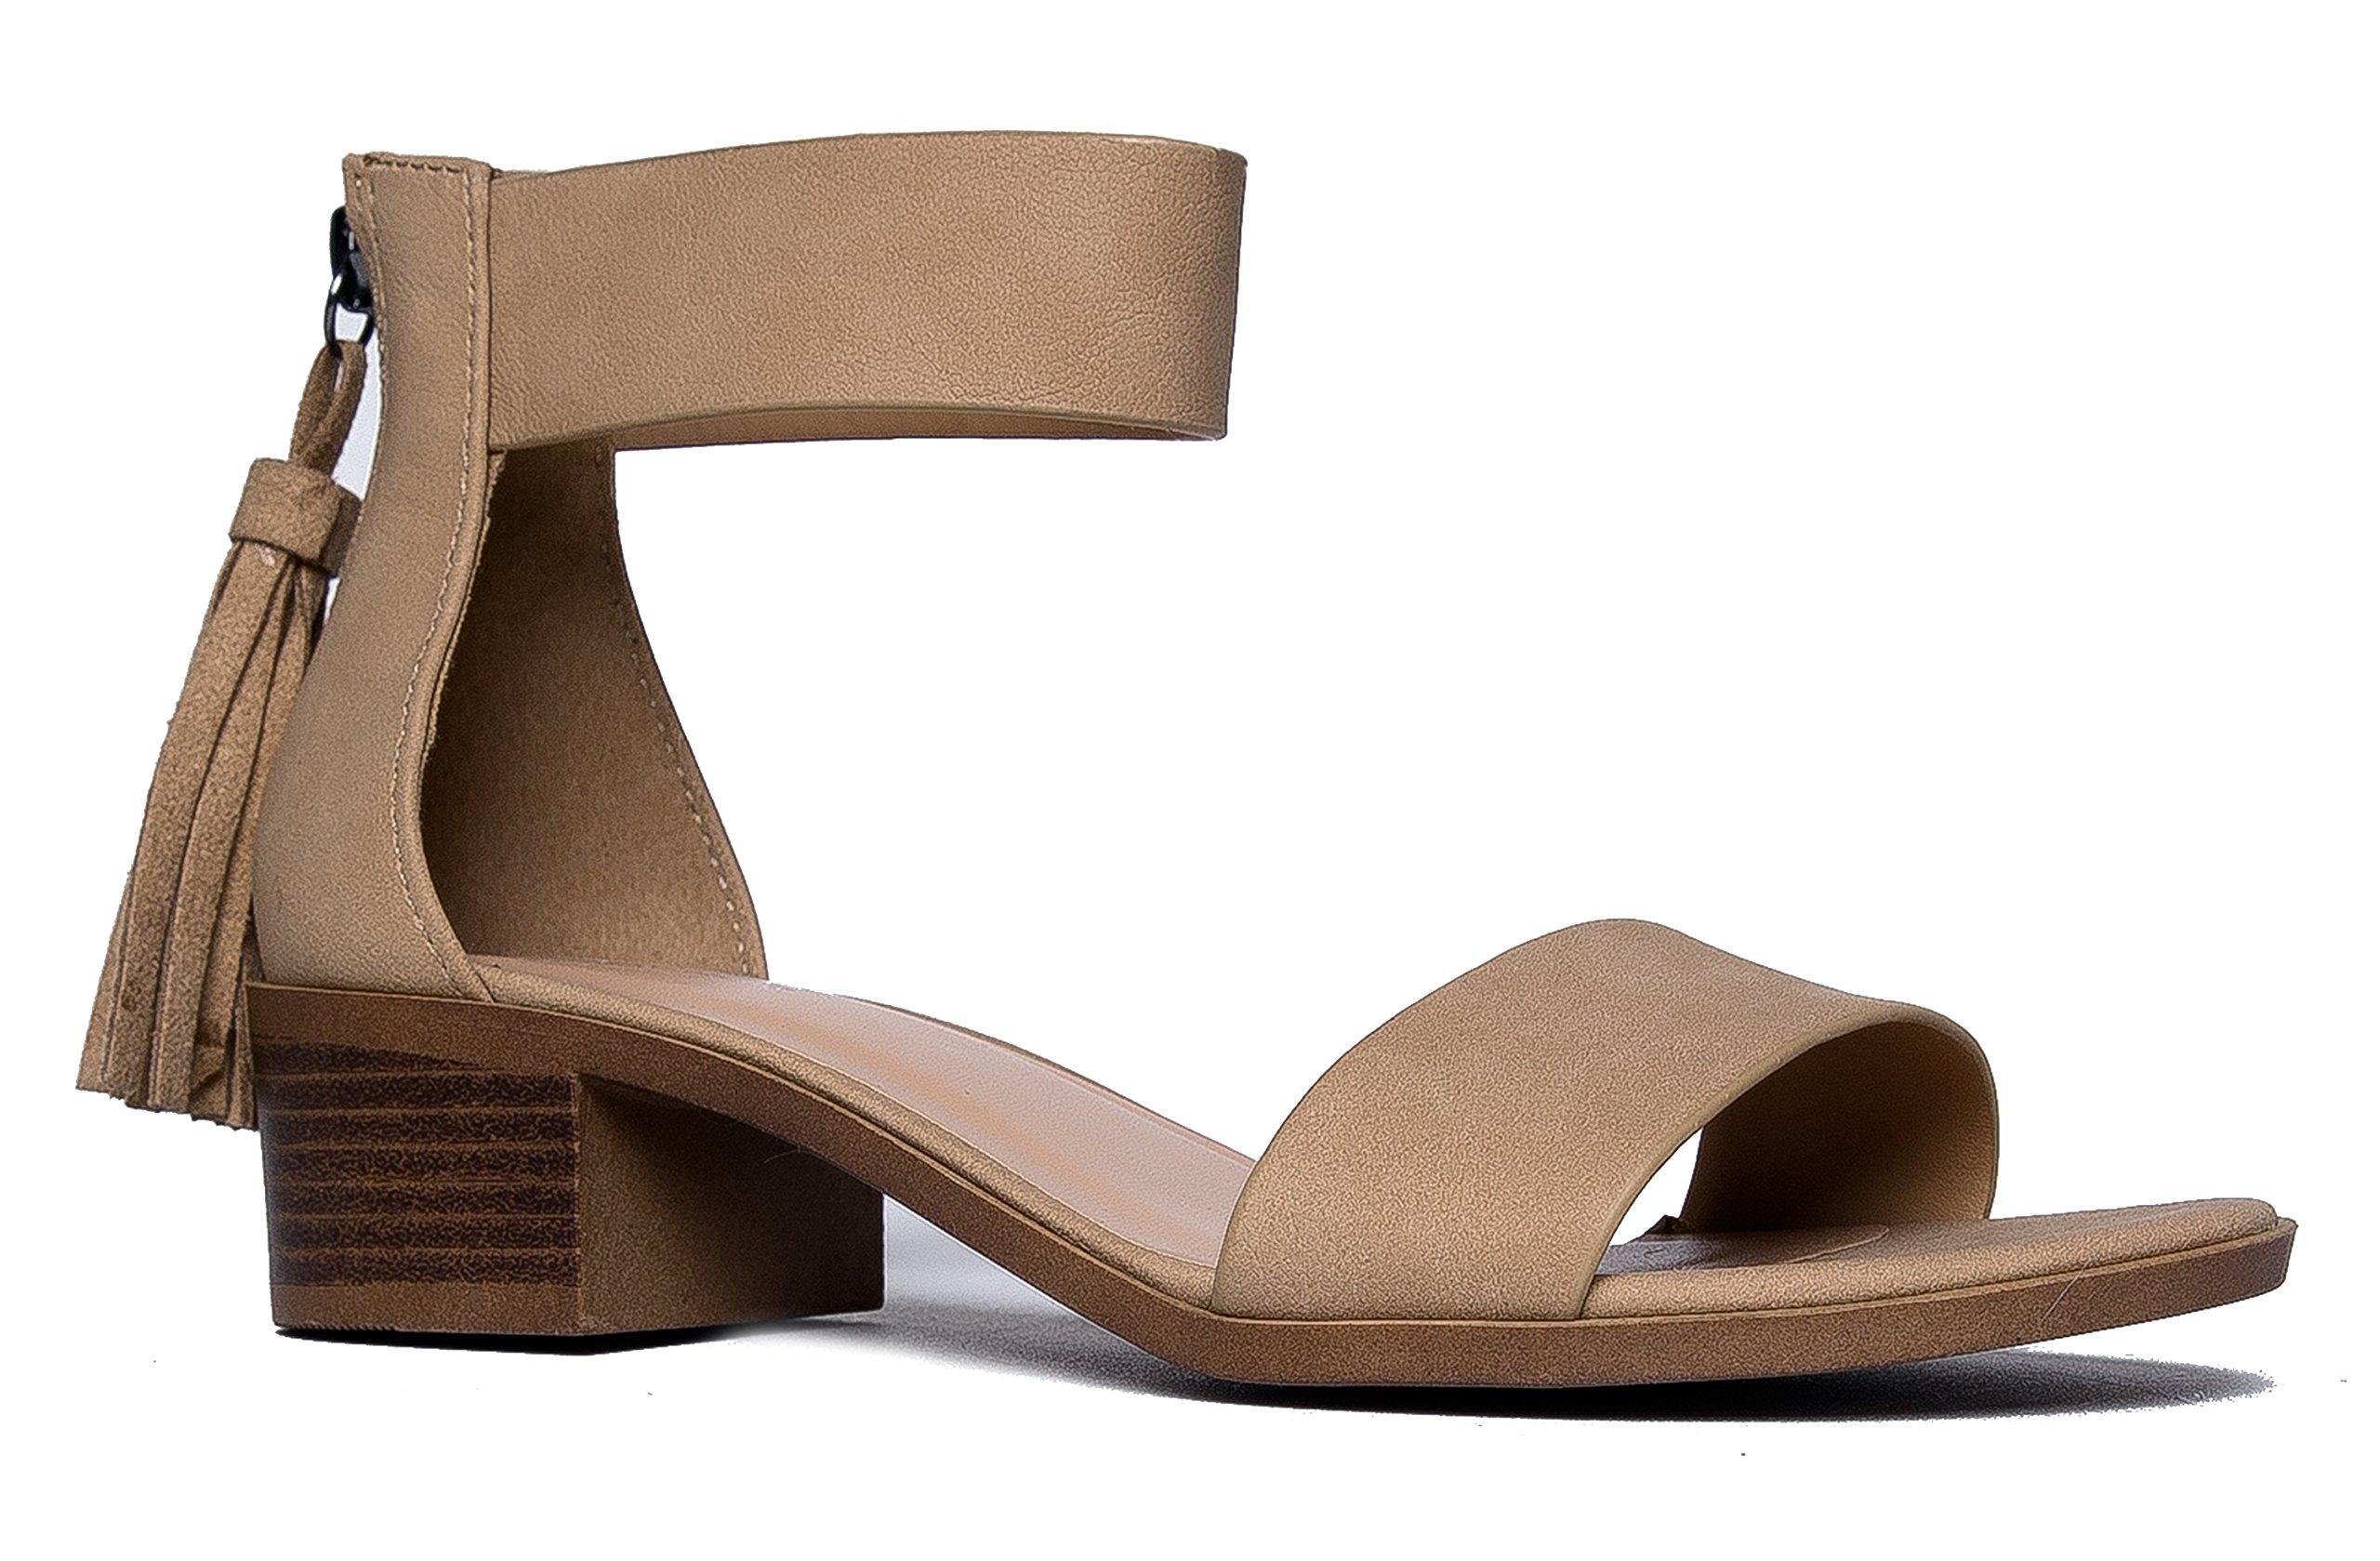 J. Adams Midori Low Ankle Strap Tassel Heel, Natural NBPU, 7 B(M) US